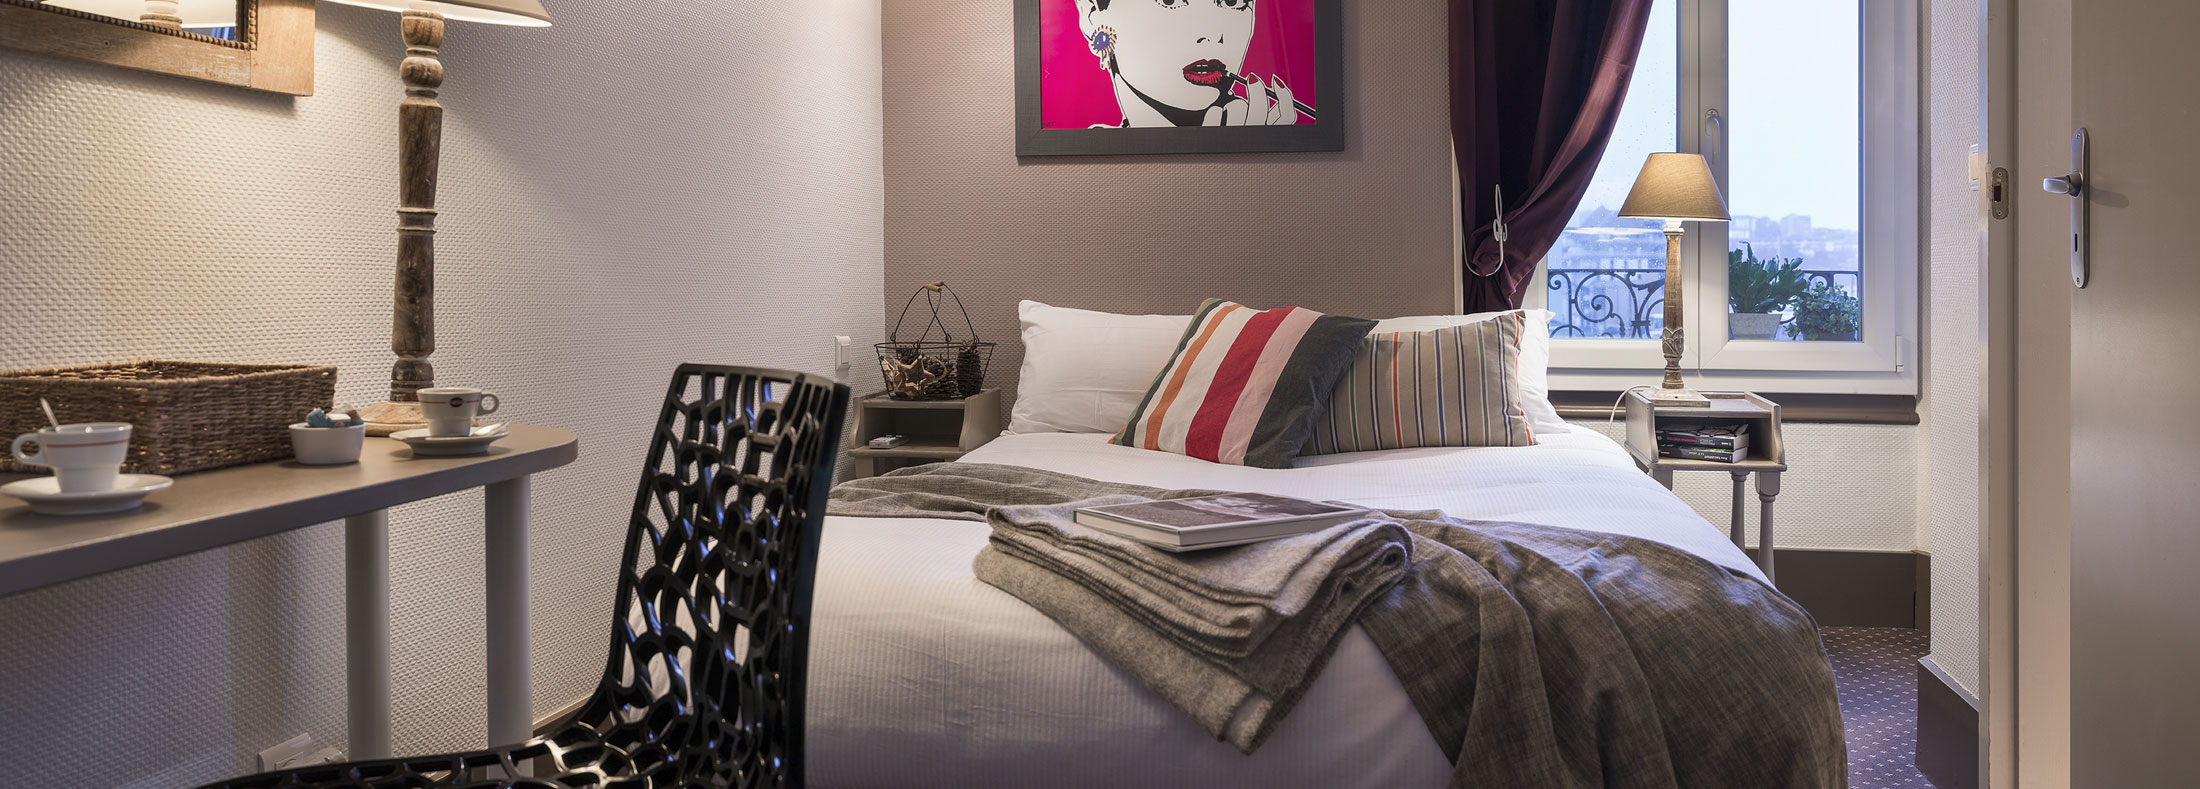 Chambre confort Hôtel des Alpes - Centre ville Annecy